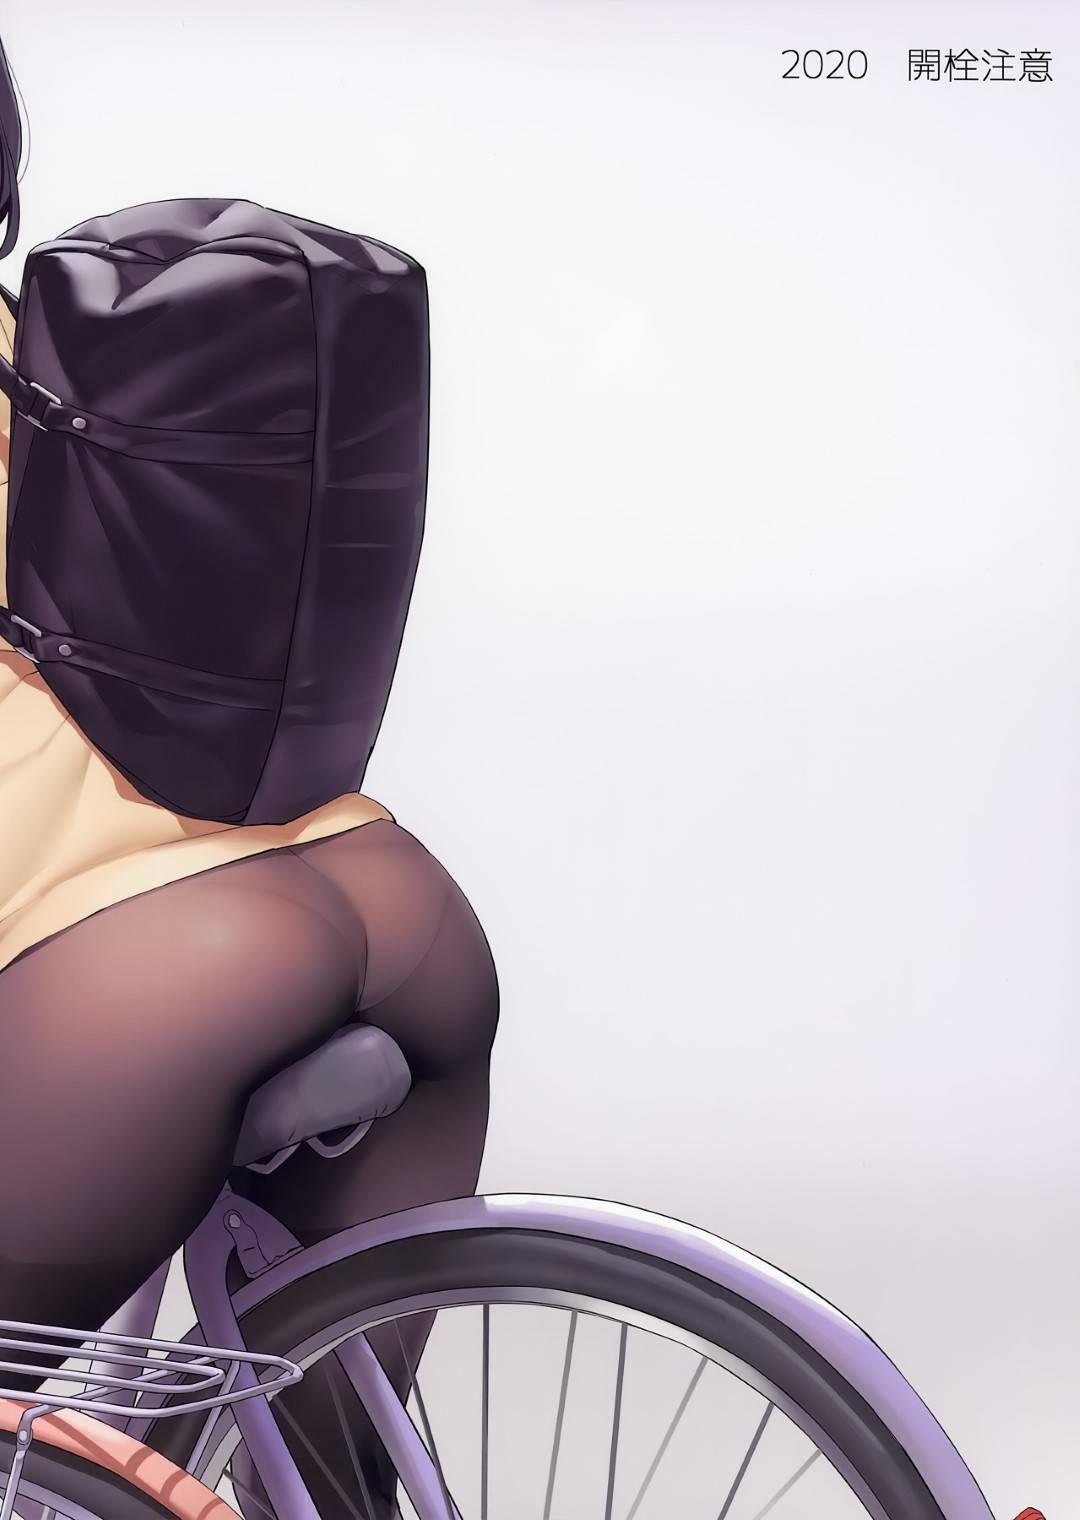 【エロ漫画】【エロ漫画】制服からはち切れるデカパイで誘惑するJKたち…いろんな角度から挑発してムラムラさせるJKたちのおっぱい!【開栓注意:JK&紐パンまとめ本2020冬】